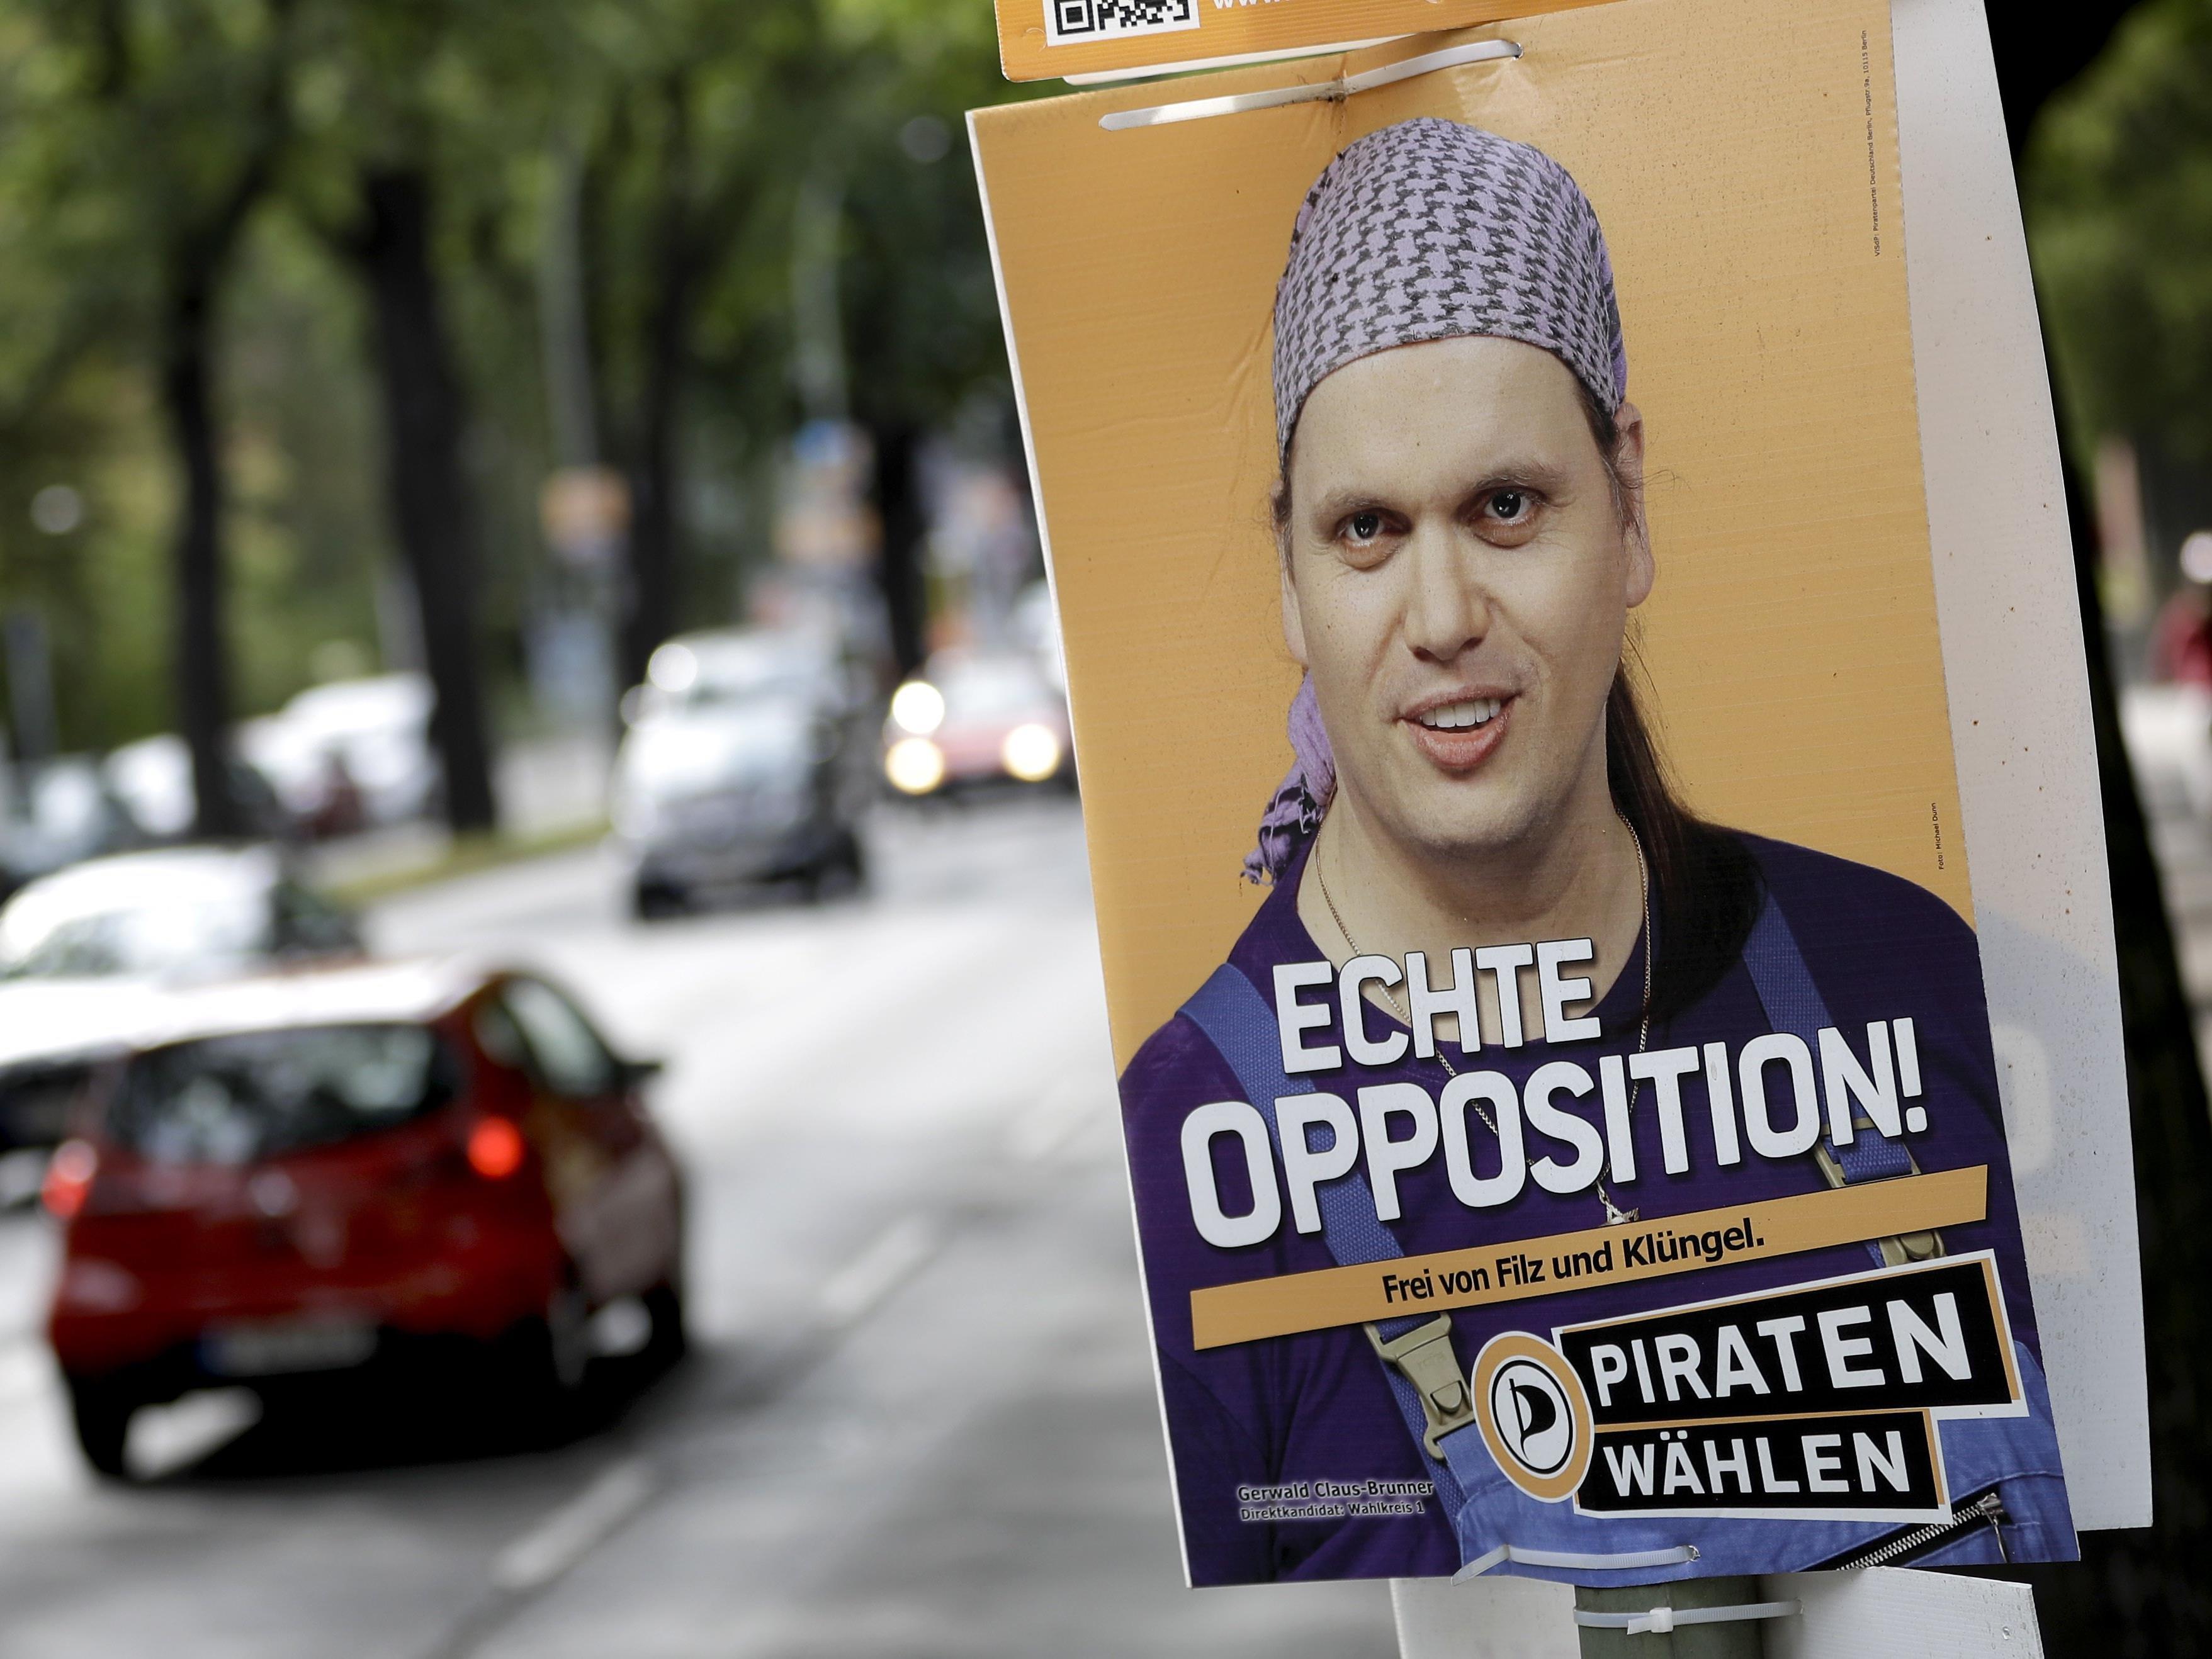 Claus-Brenner gehörte seit dem Jahr 2011 als Abgeordneter der Piratenfraktion dem Berliner Abgeordnetenhaus an.